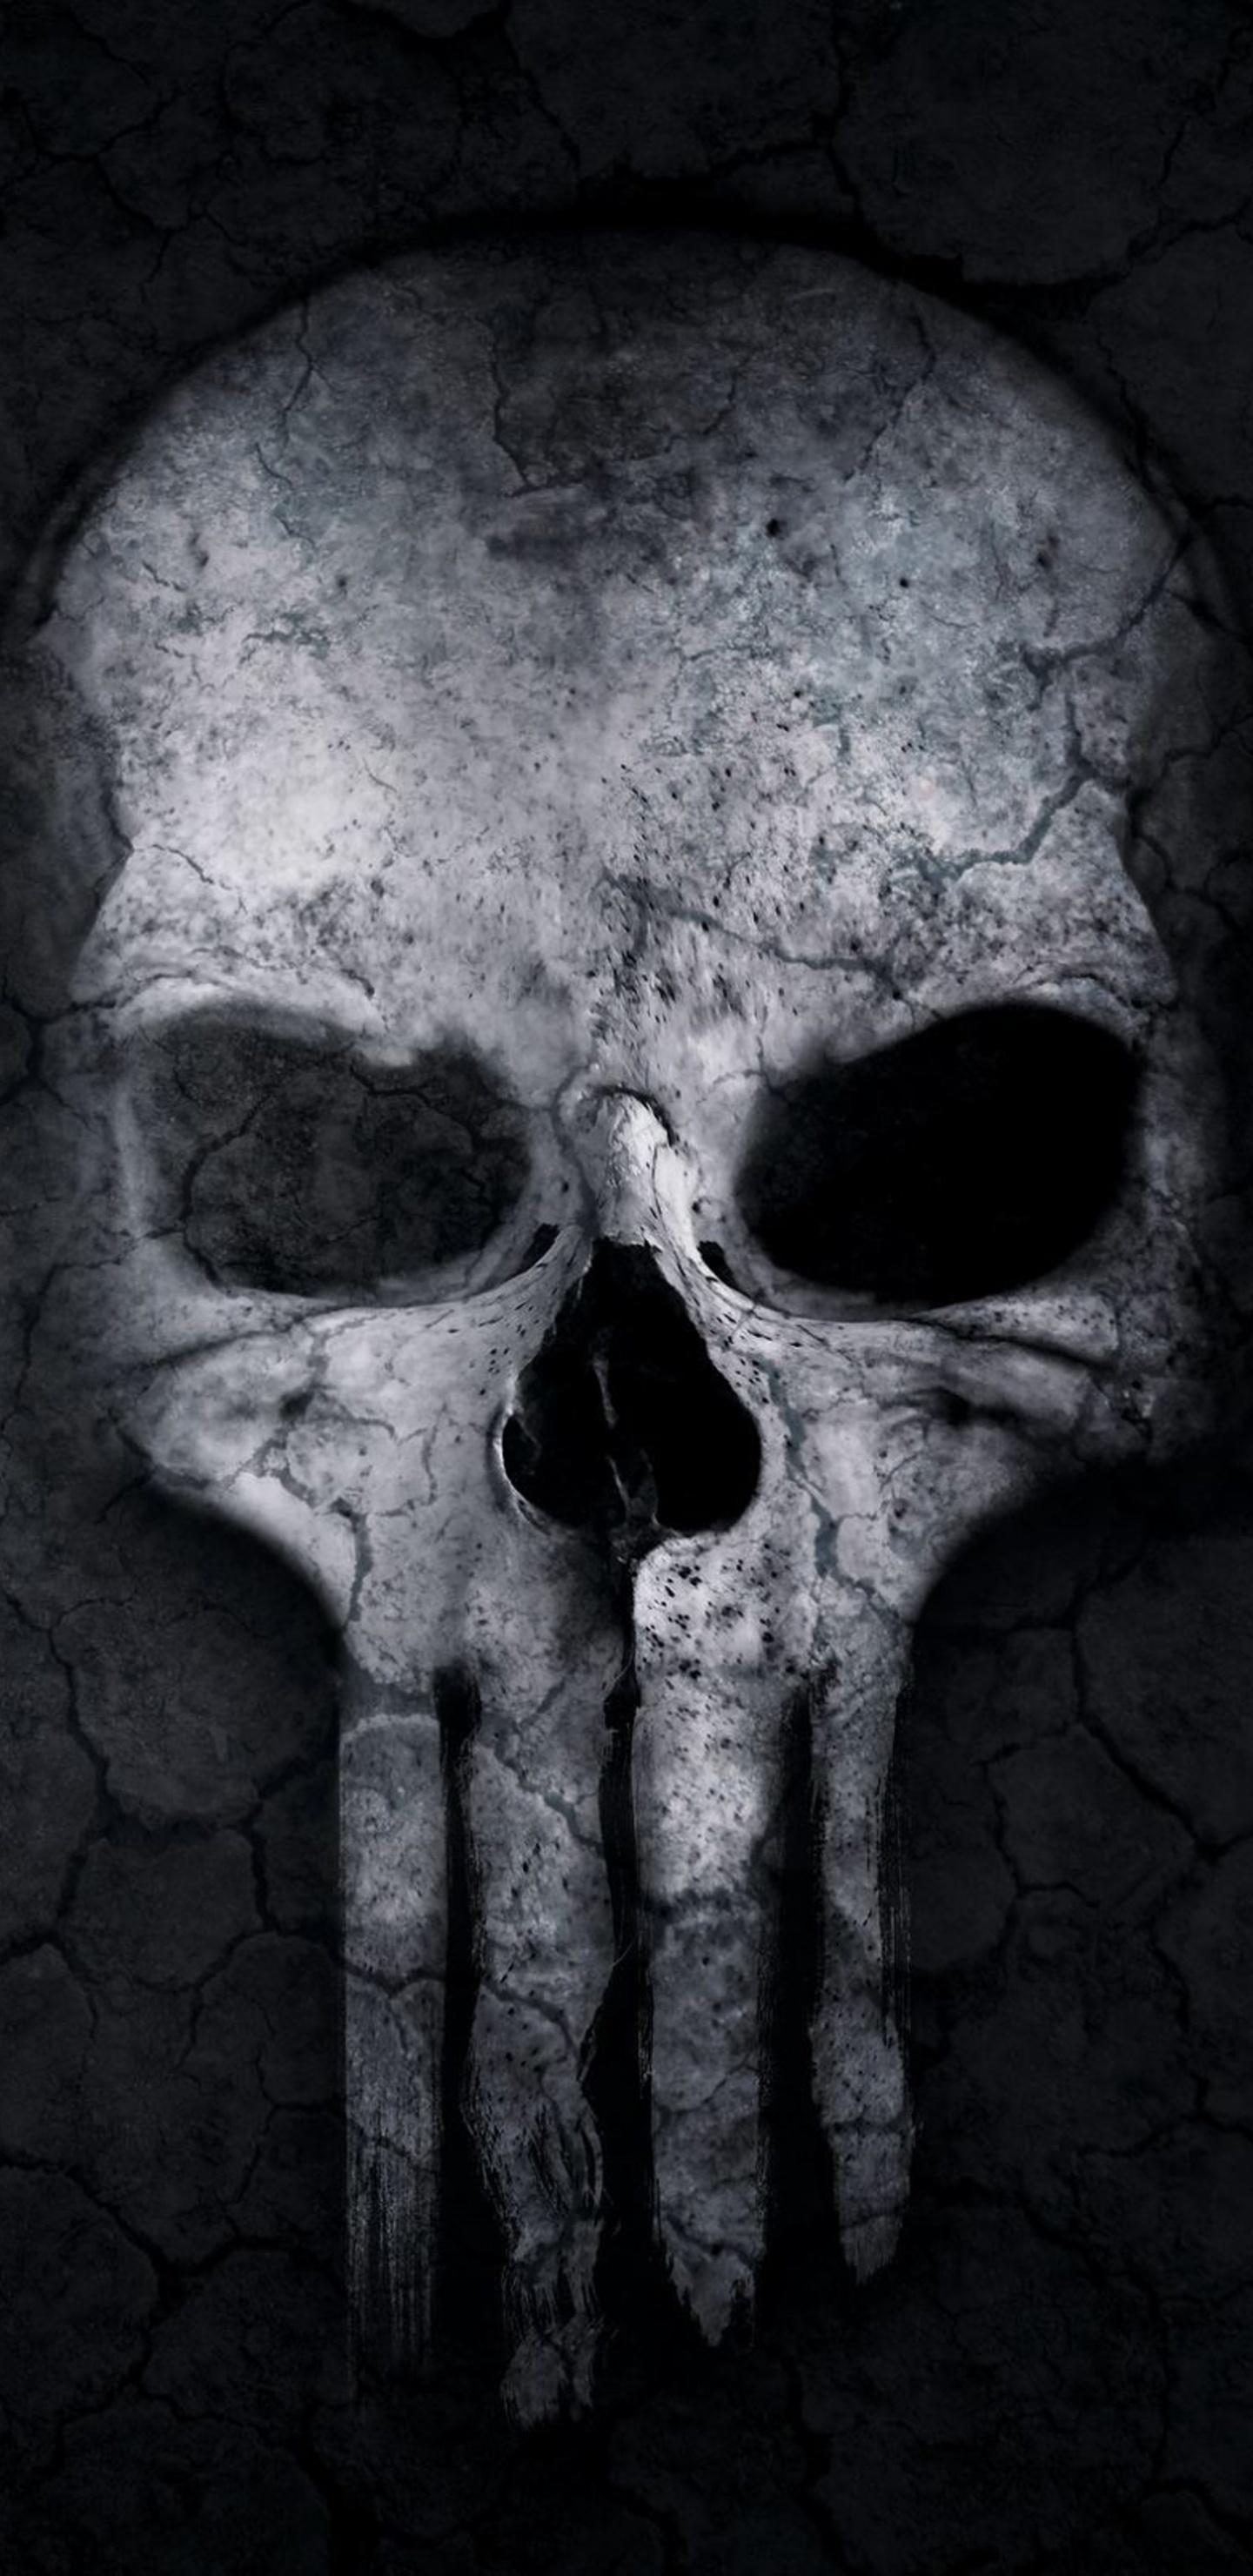 1440x2960 Punisher Skull Artwork Samsung Galaxy Note 98 S9